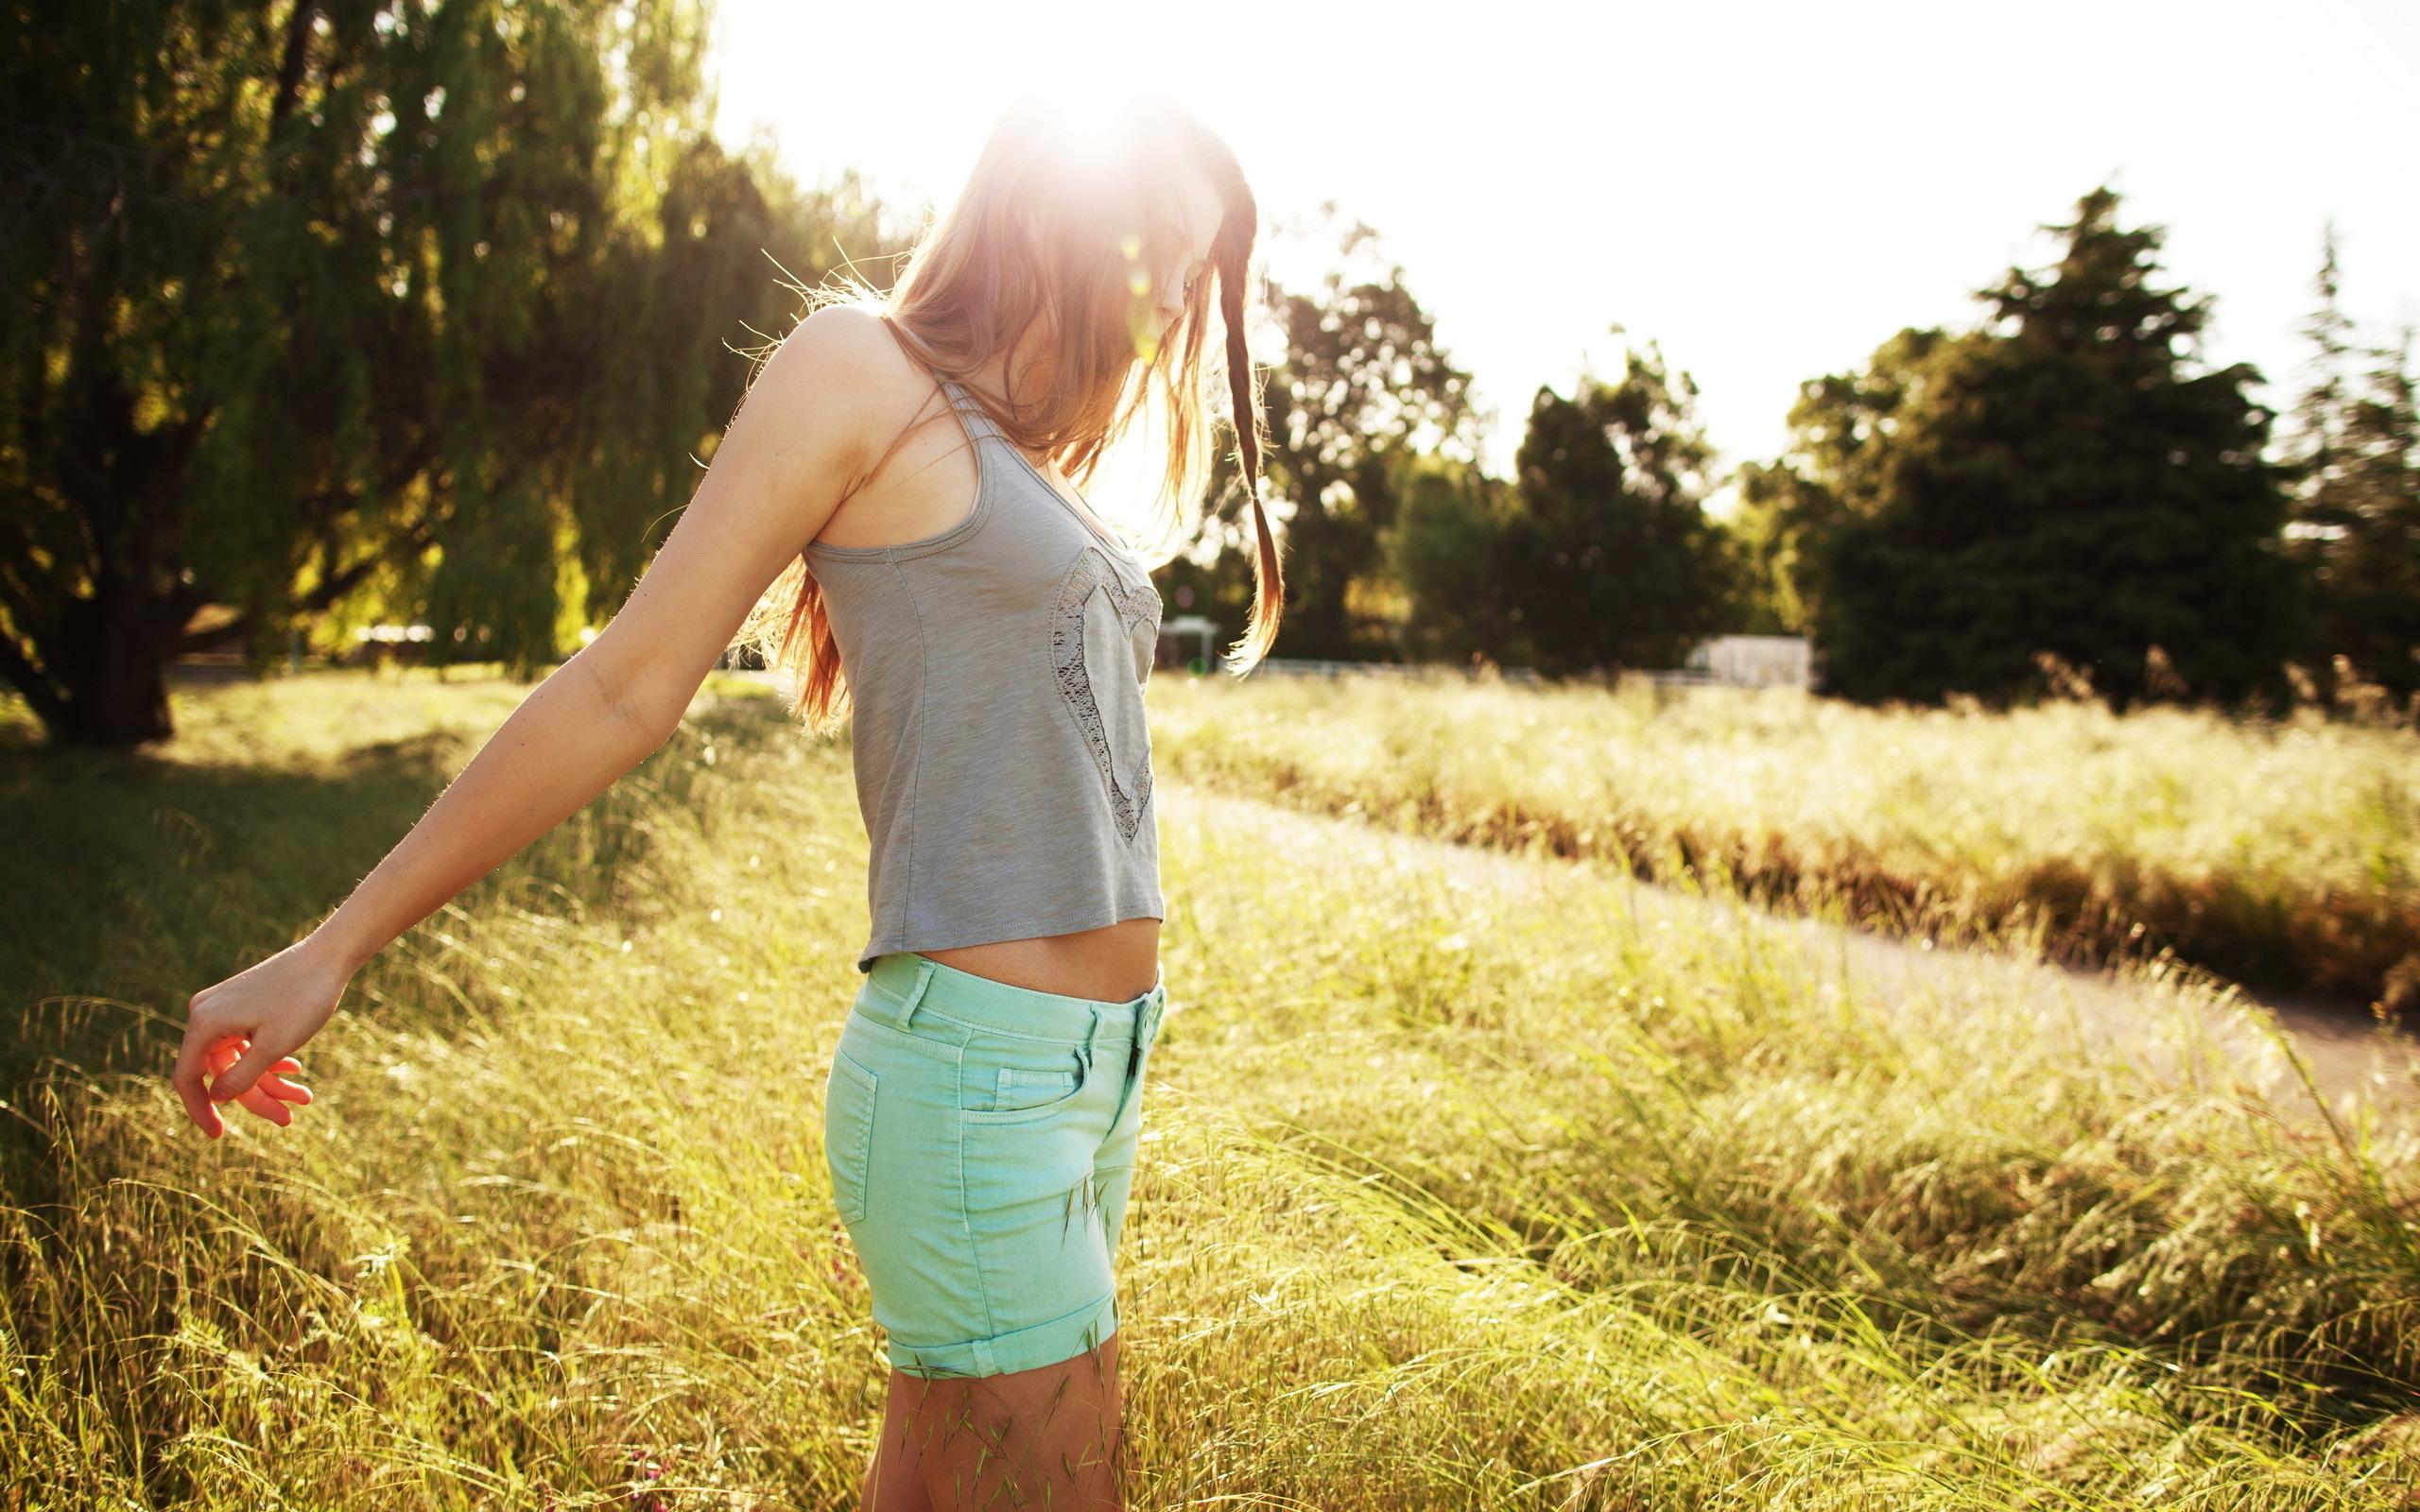 Нежная блондинка гуляет в поле жарким летом и раздевается  439839